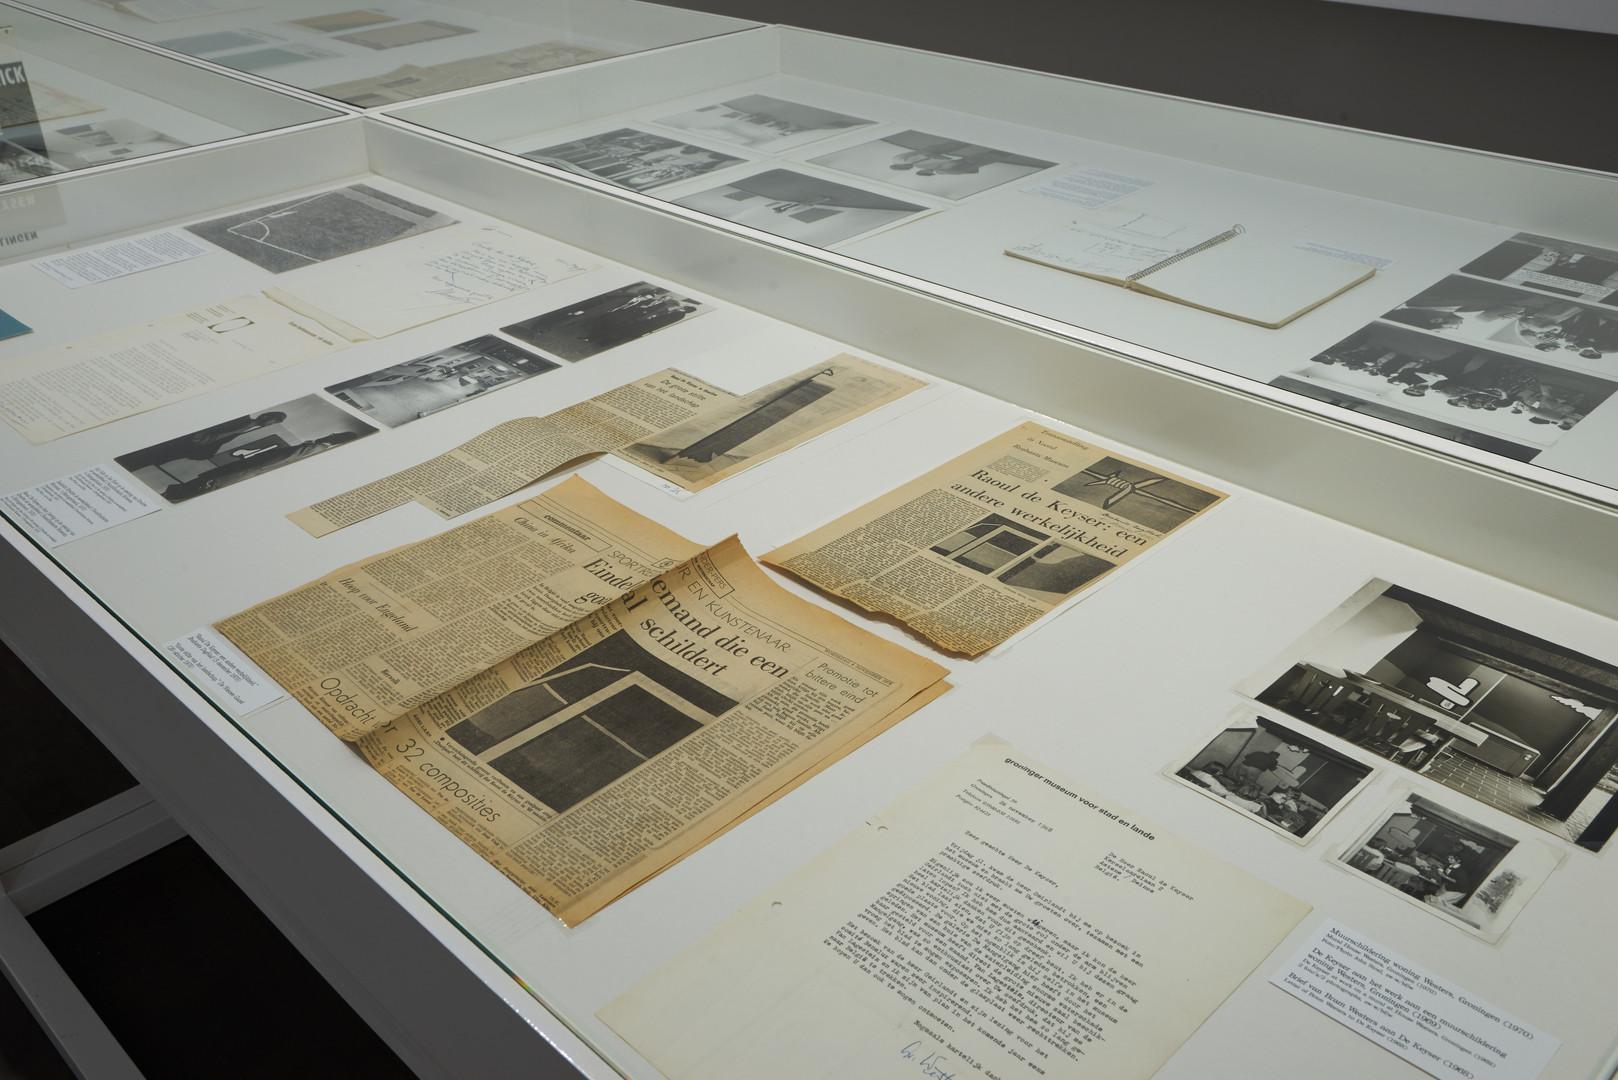 Archives Raoul De Keyser, S.M.A.K., Ghent.